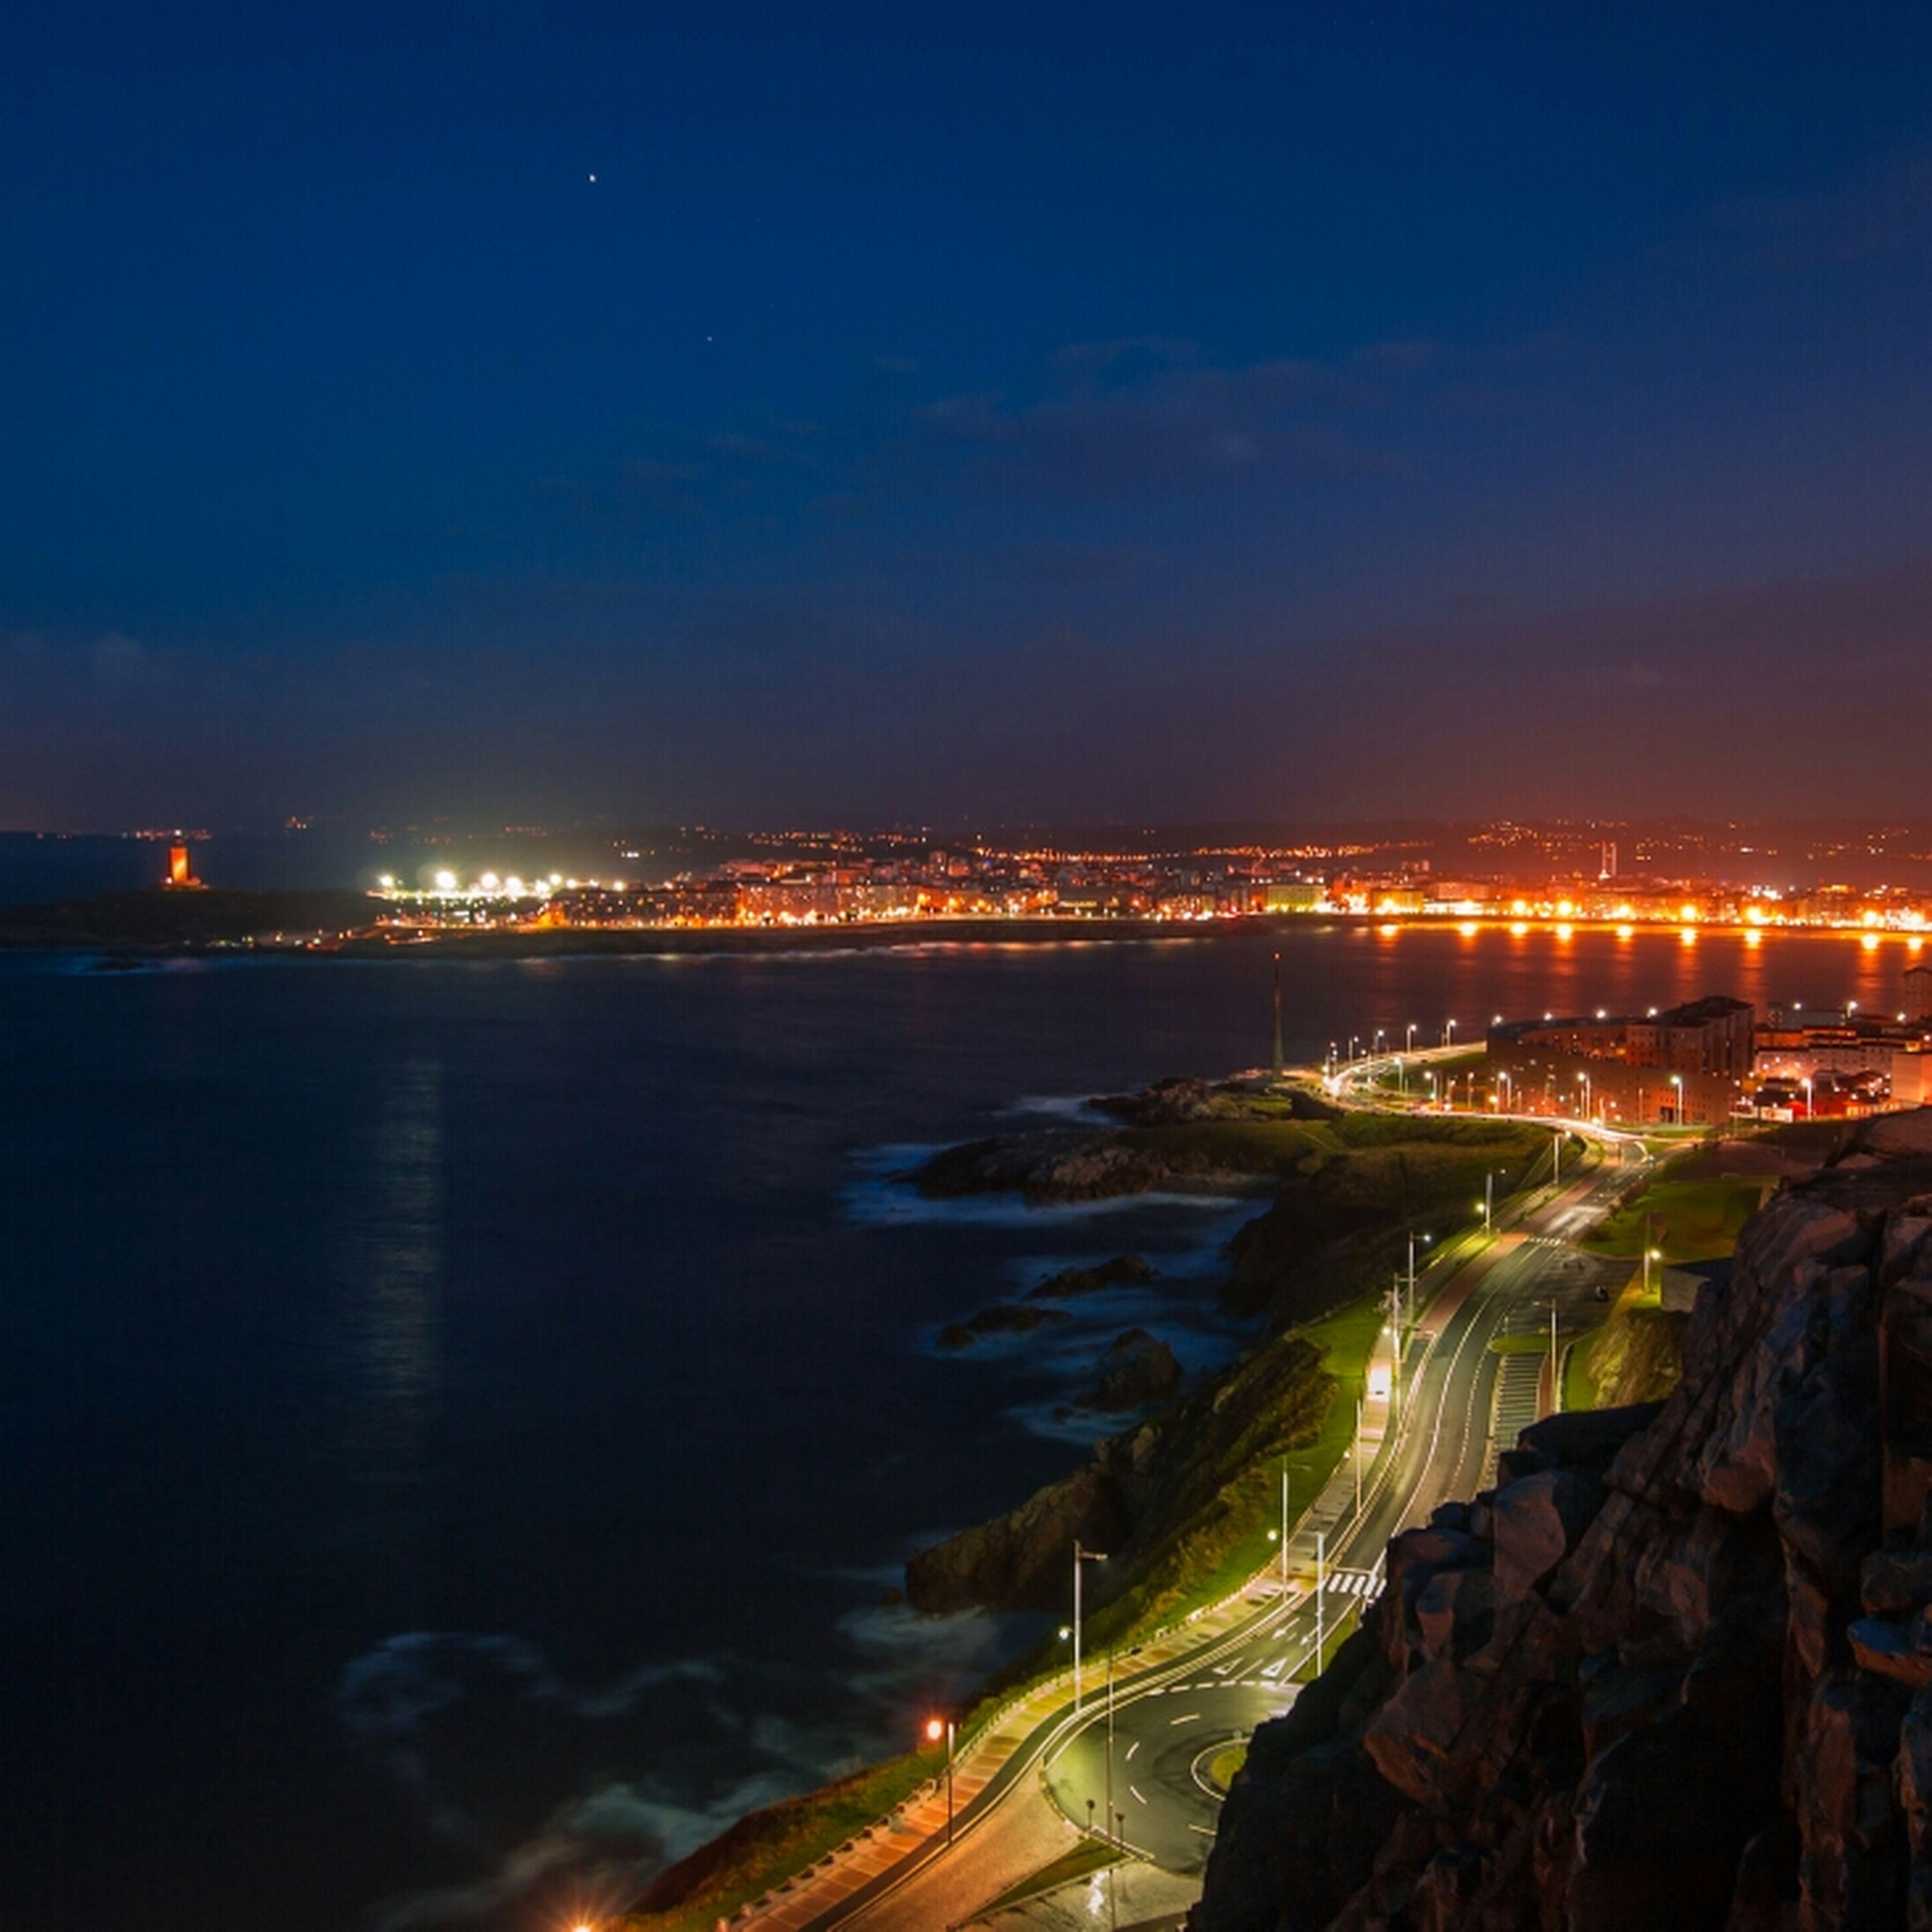 Night Galicia Nocturna De Coruña Nocturna